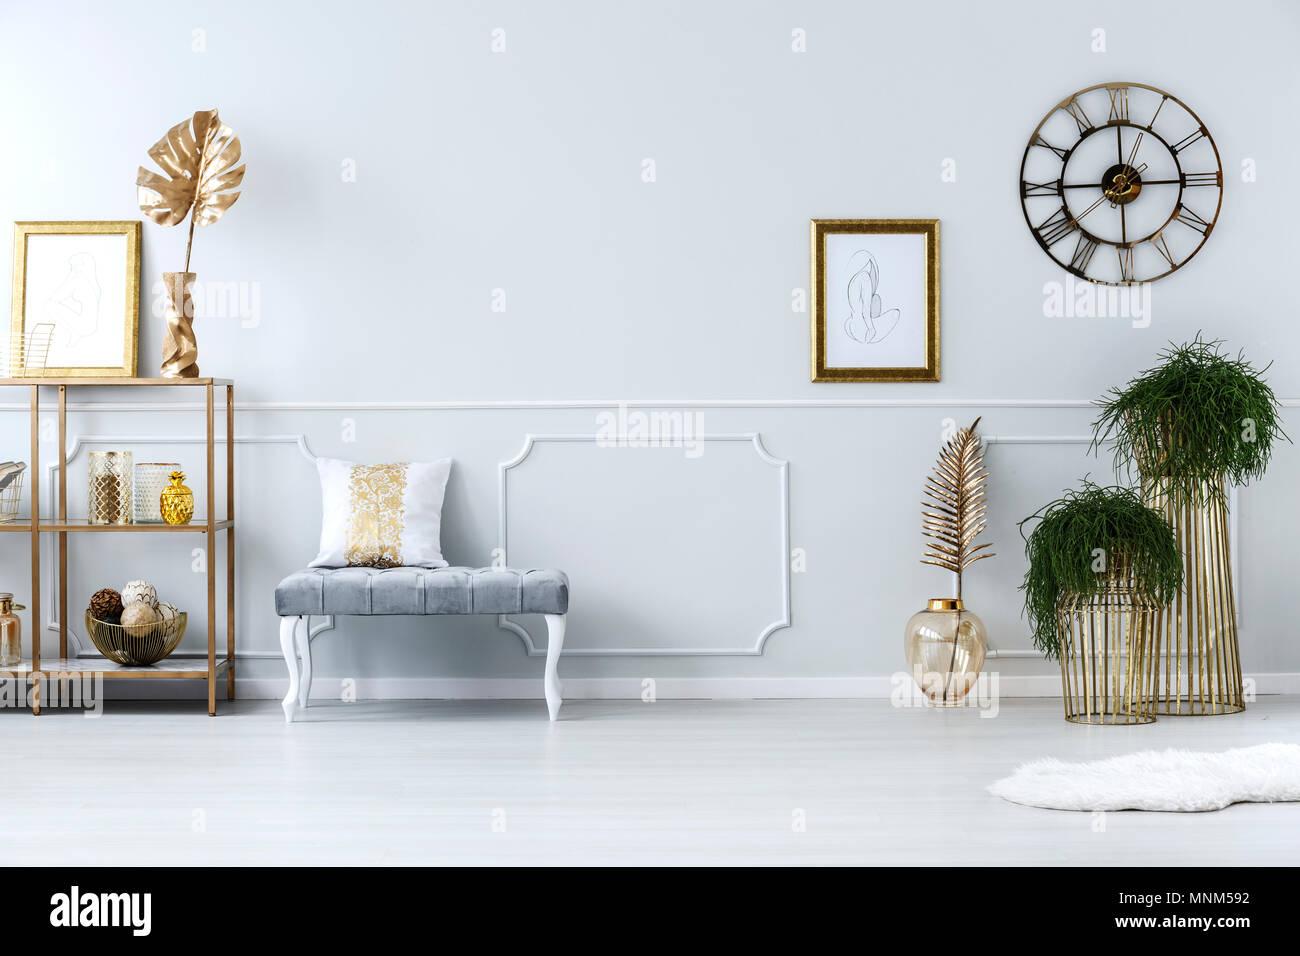 Ripiano in metallo grigio sgabello e piante in vasi doro in white